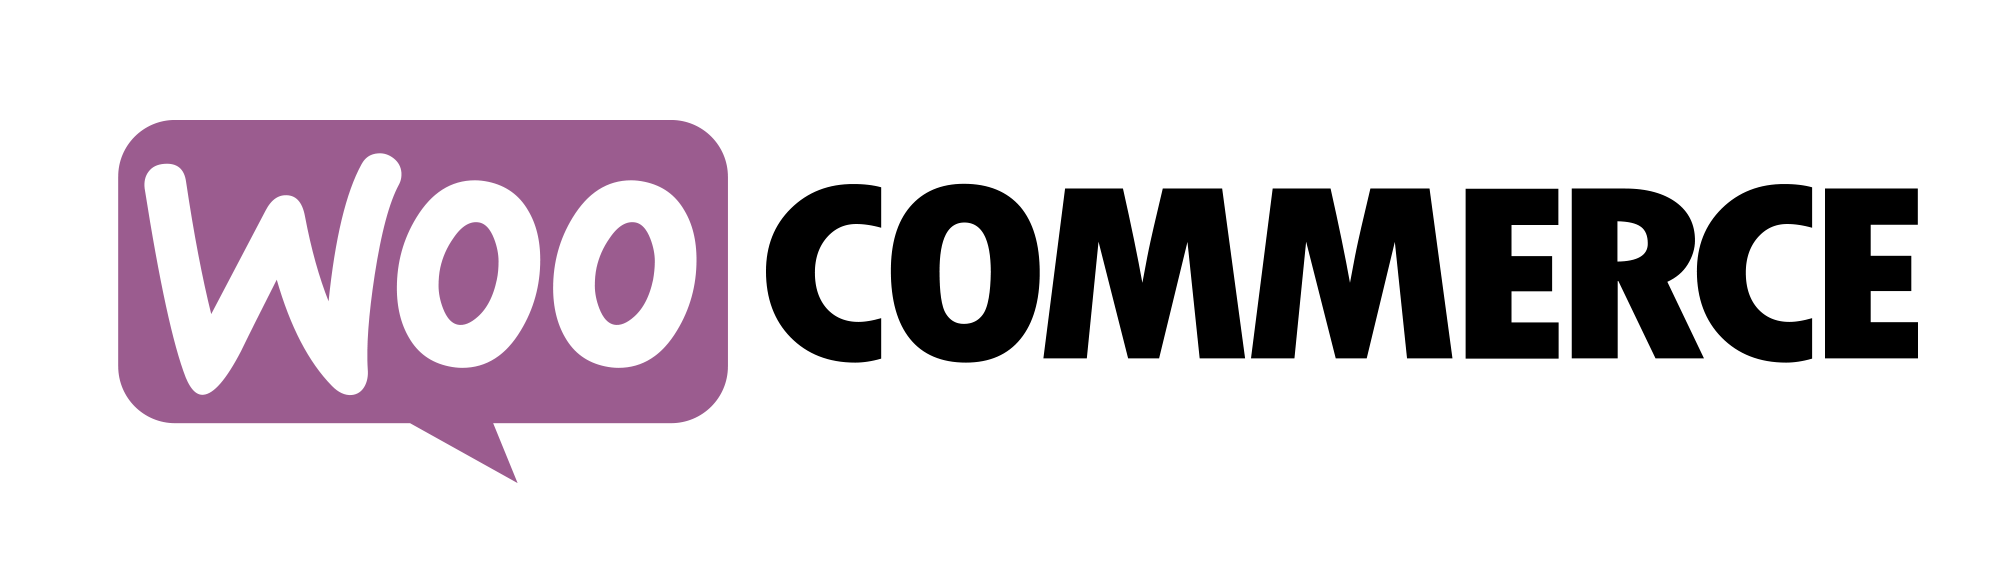 2.9.4: WooCommerce Integration